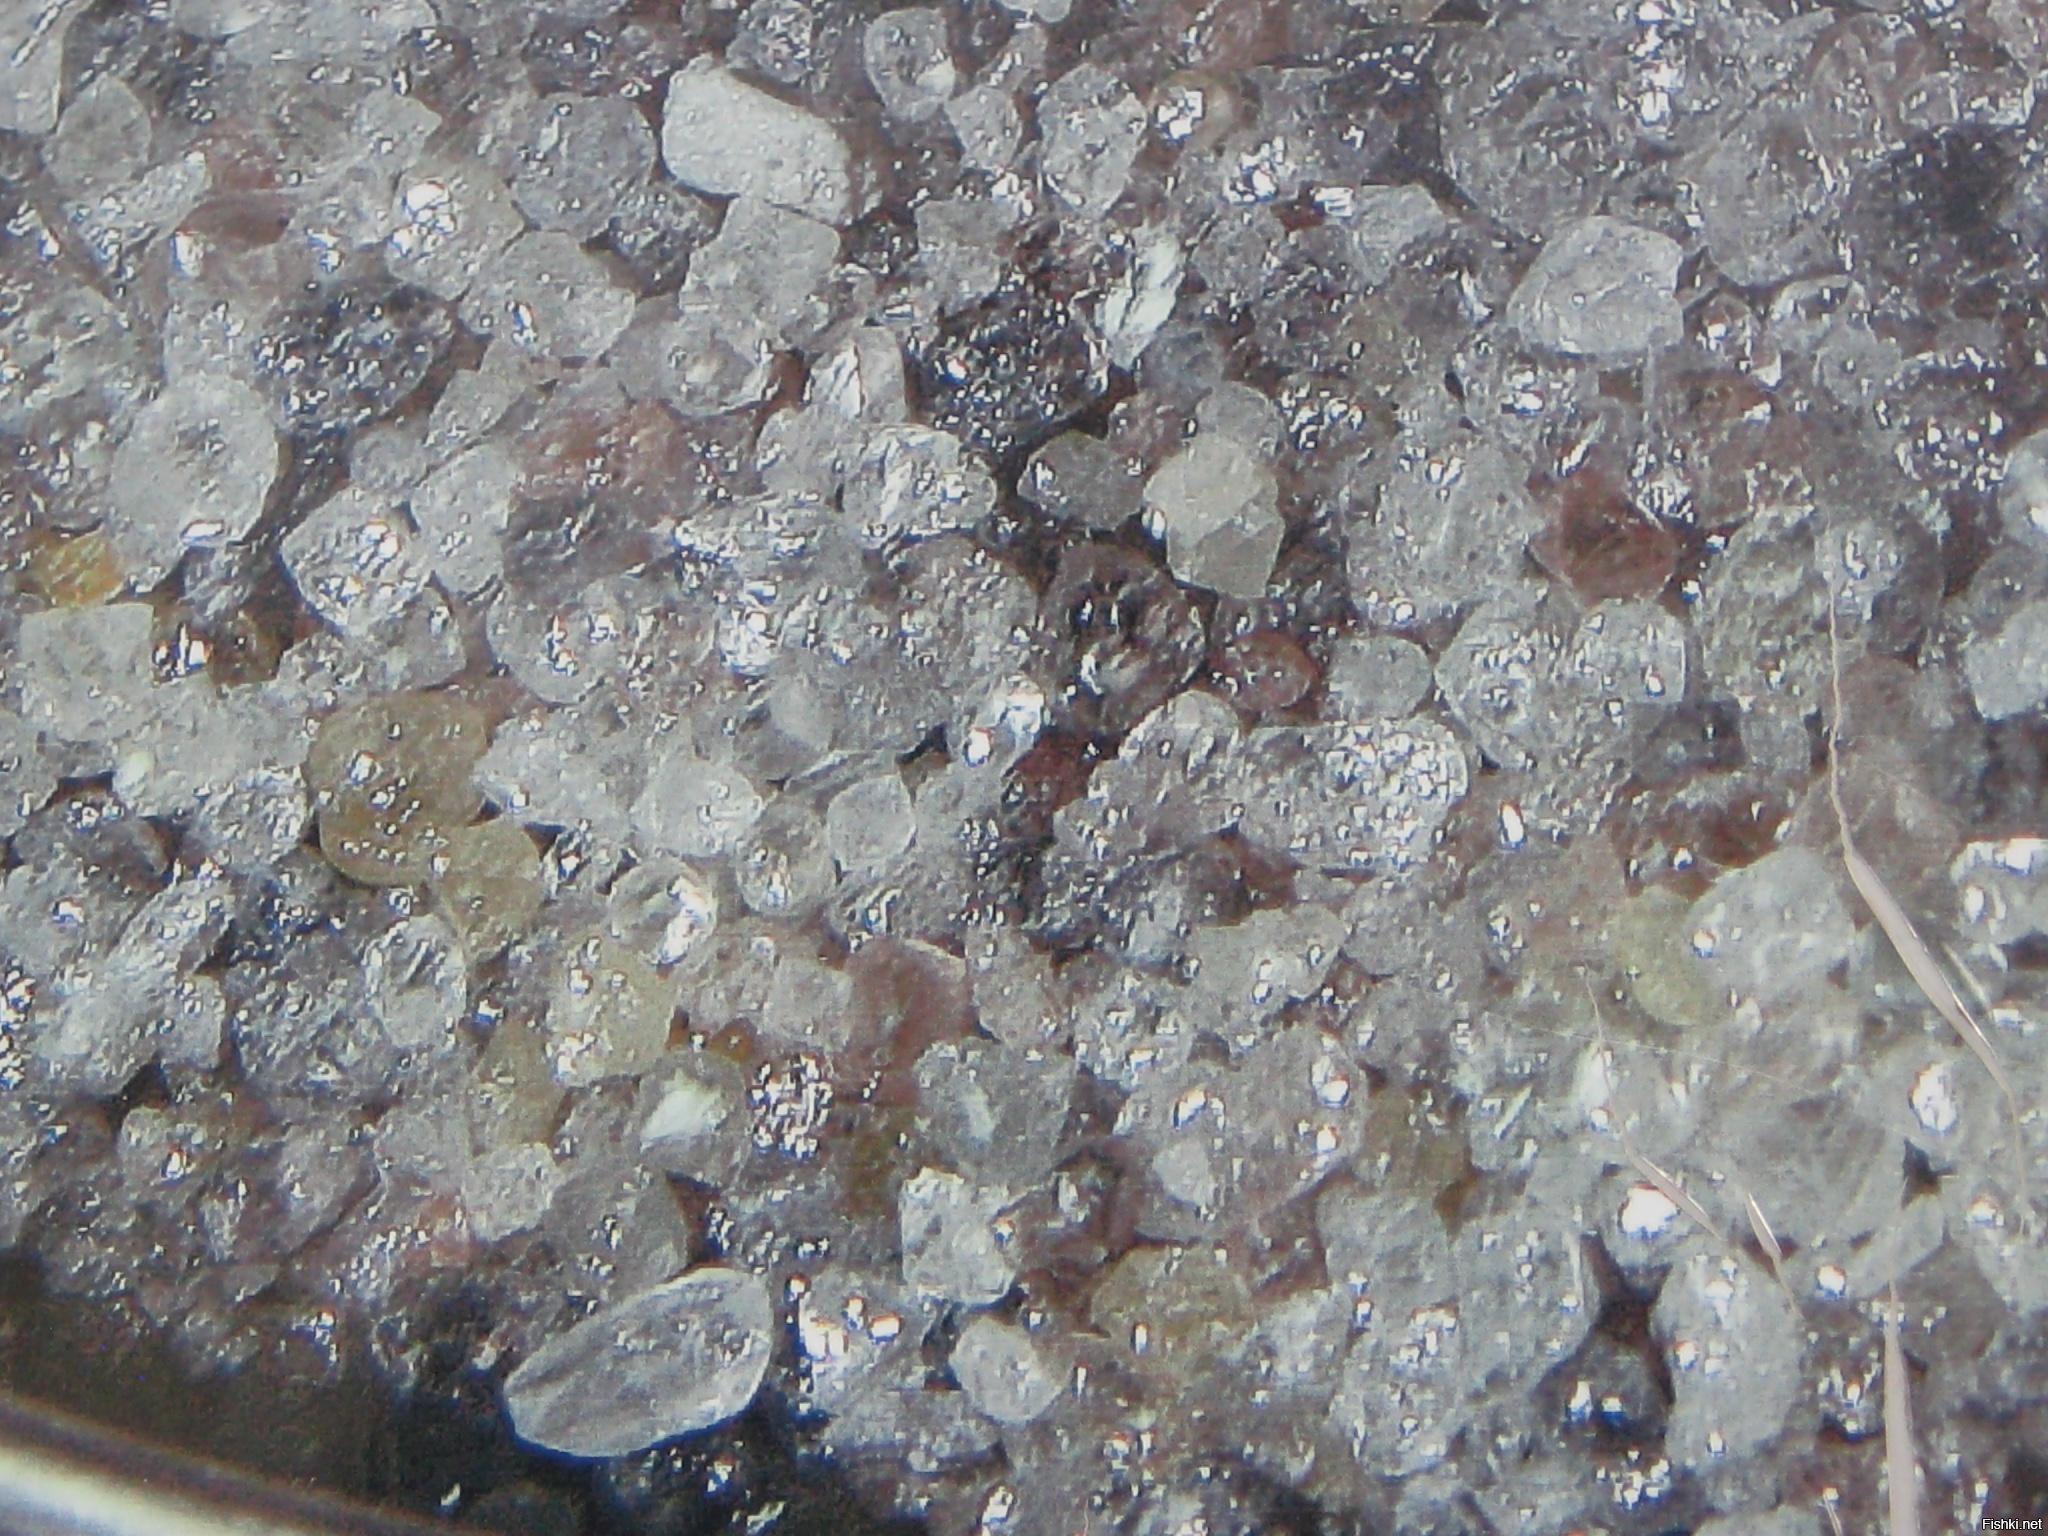 риеке фото как добывают алмазы в якутии ограниченным набором